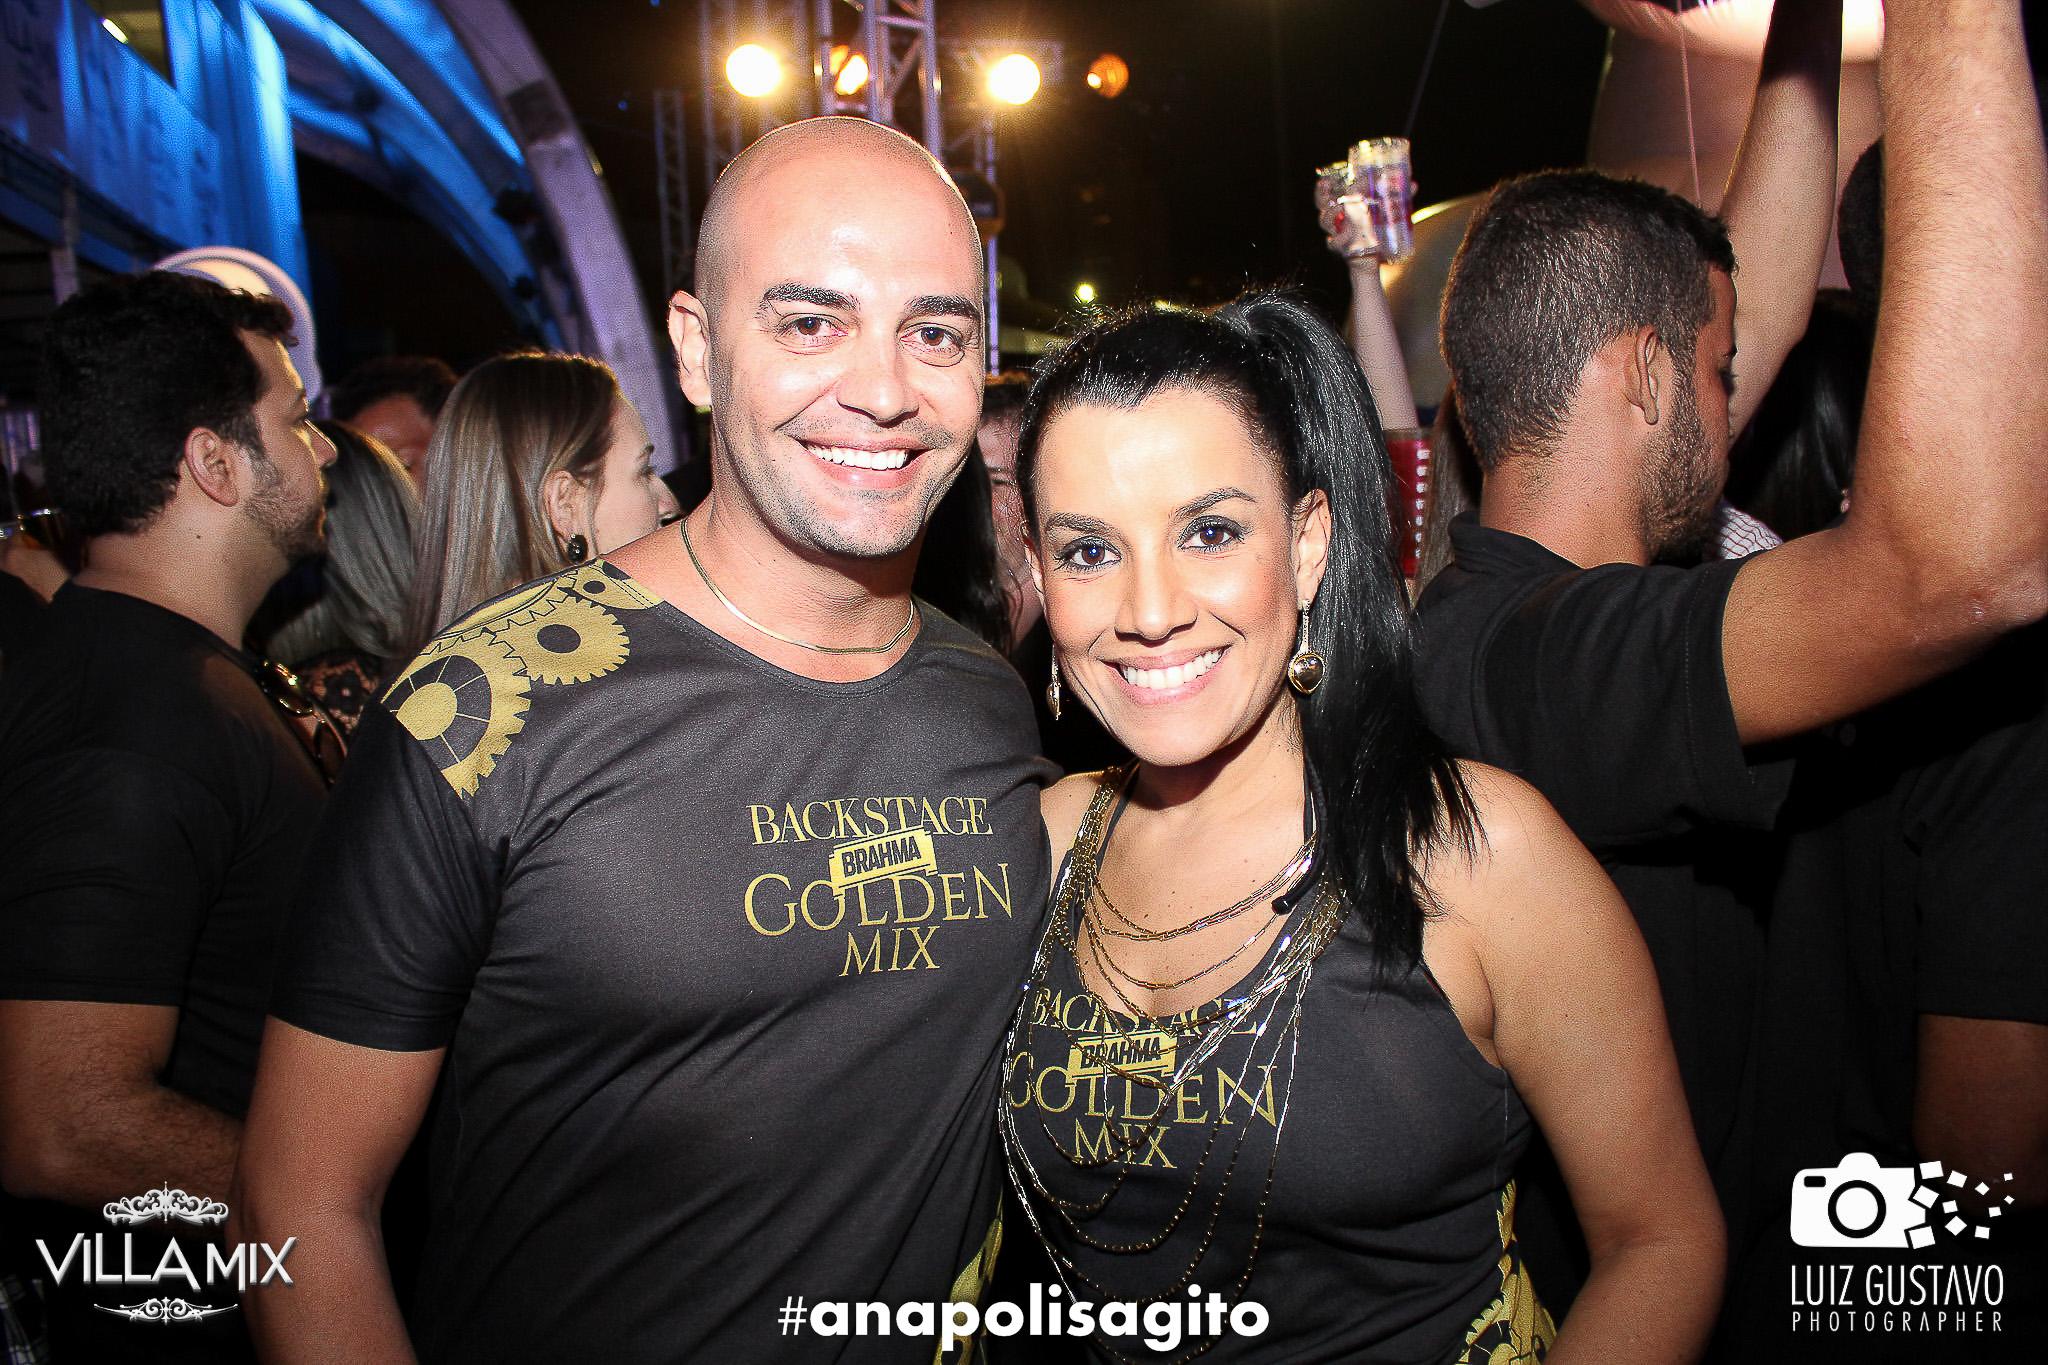 Luiz Gustavo Photographer (149 de 327)